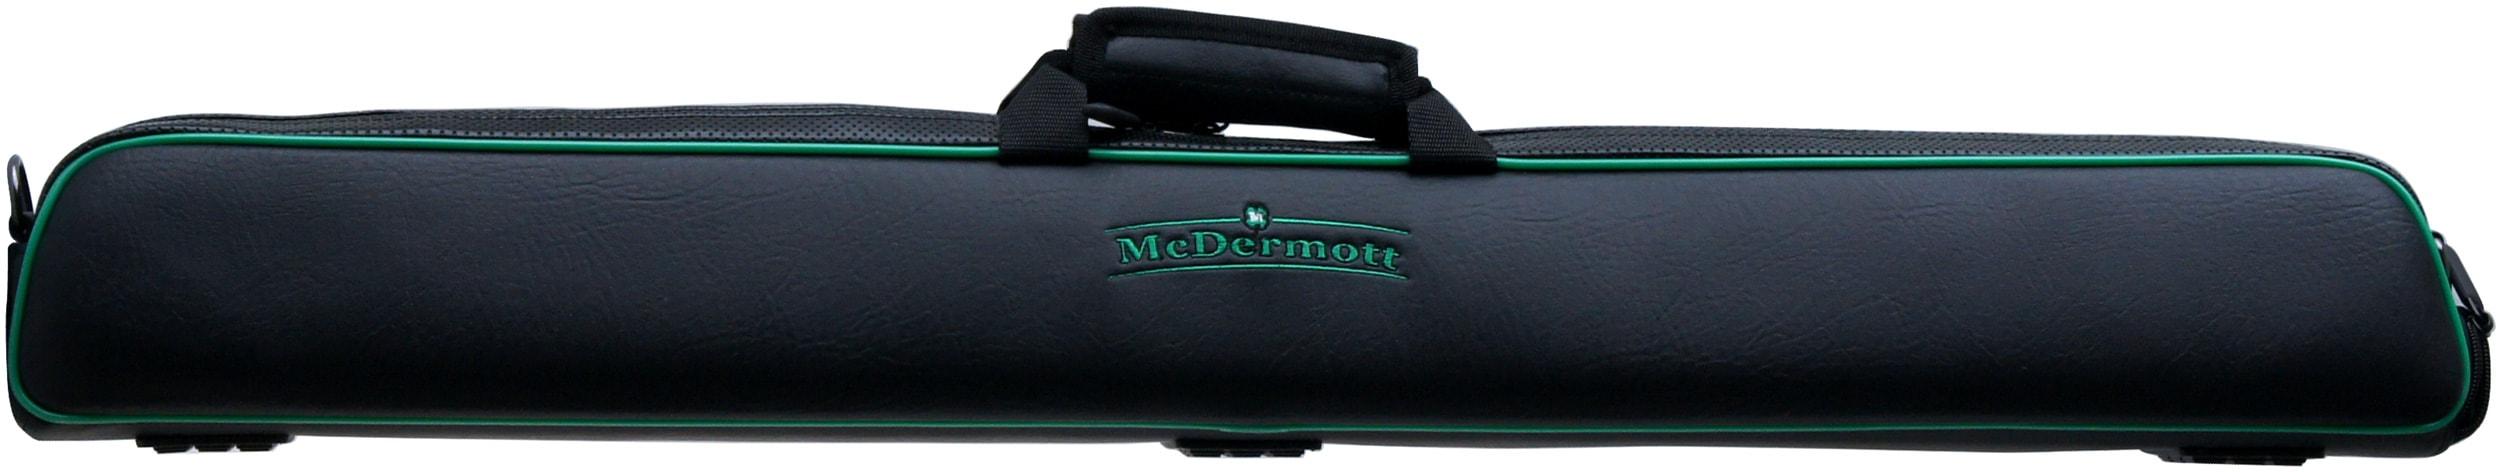 mcdermott マクダモット キューケース 2b3s (バット2本シャフト3本収納)  商品画像